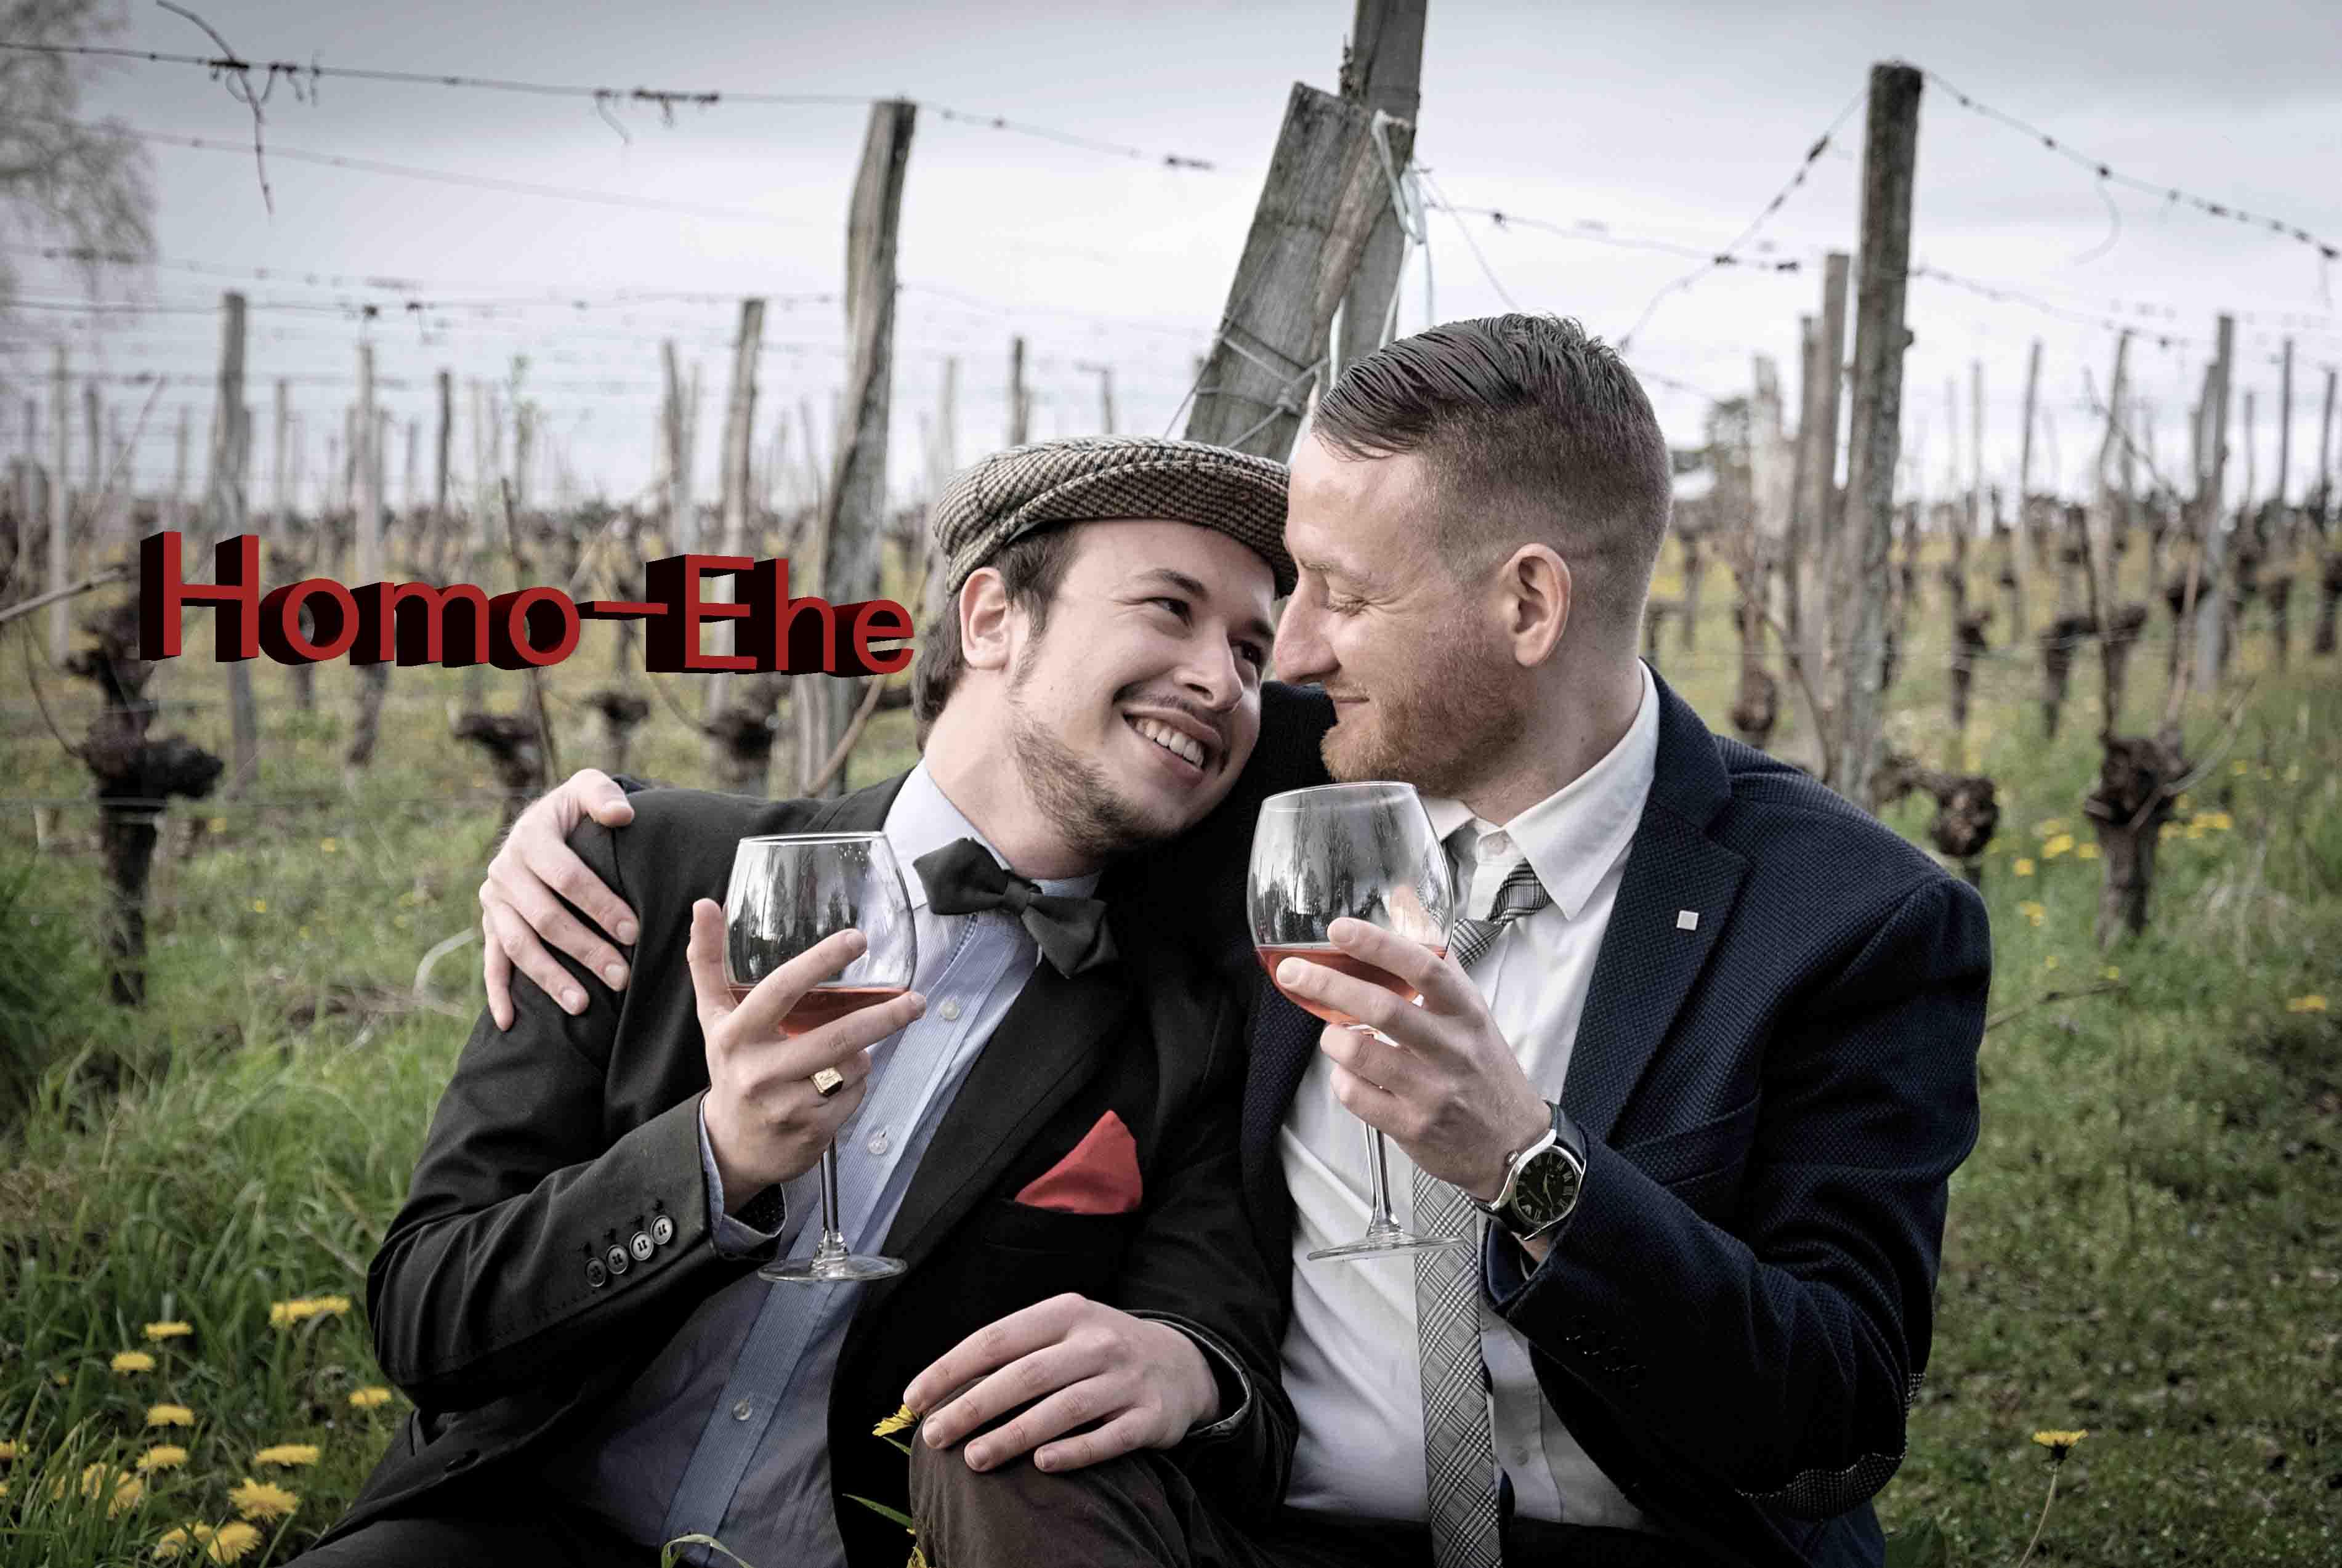 Homo-Ehe | der-schwule.de | Endlich dürfen auch unter